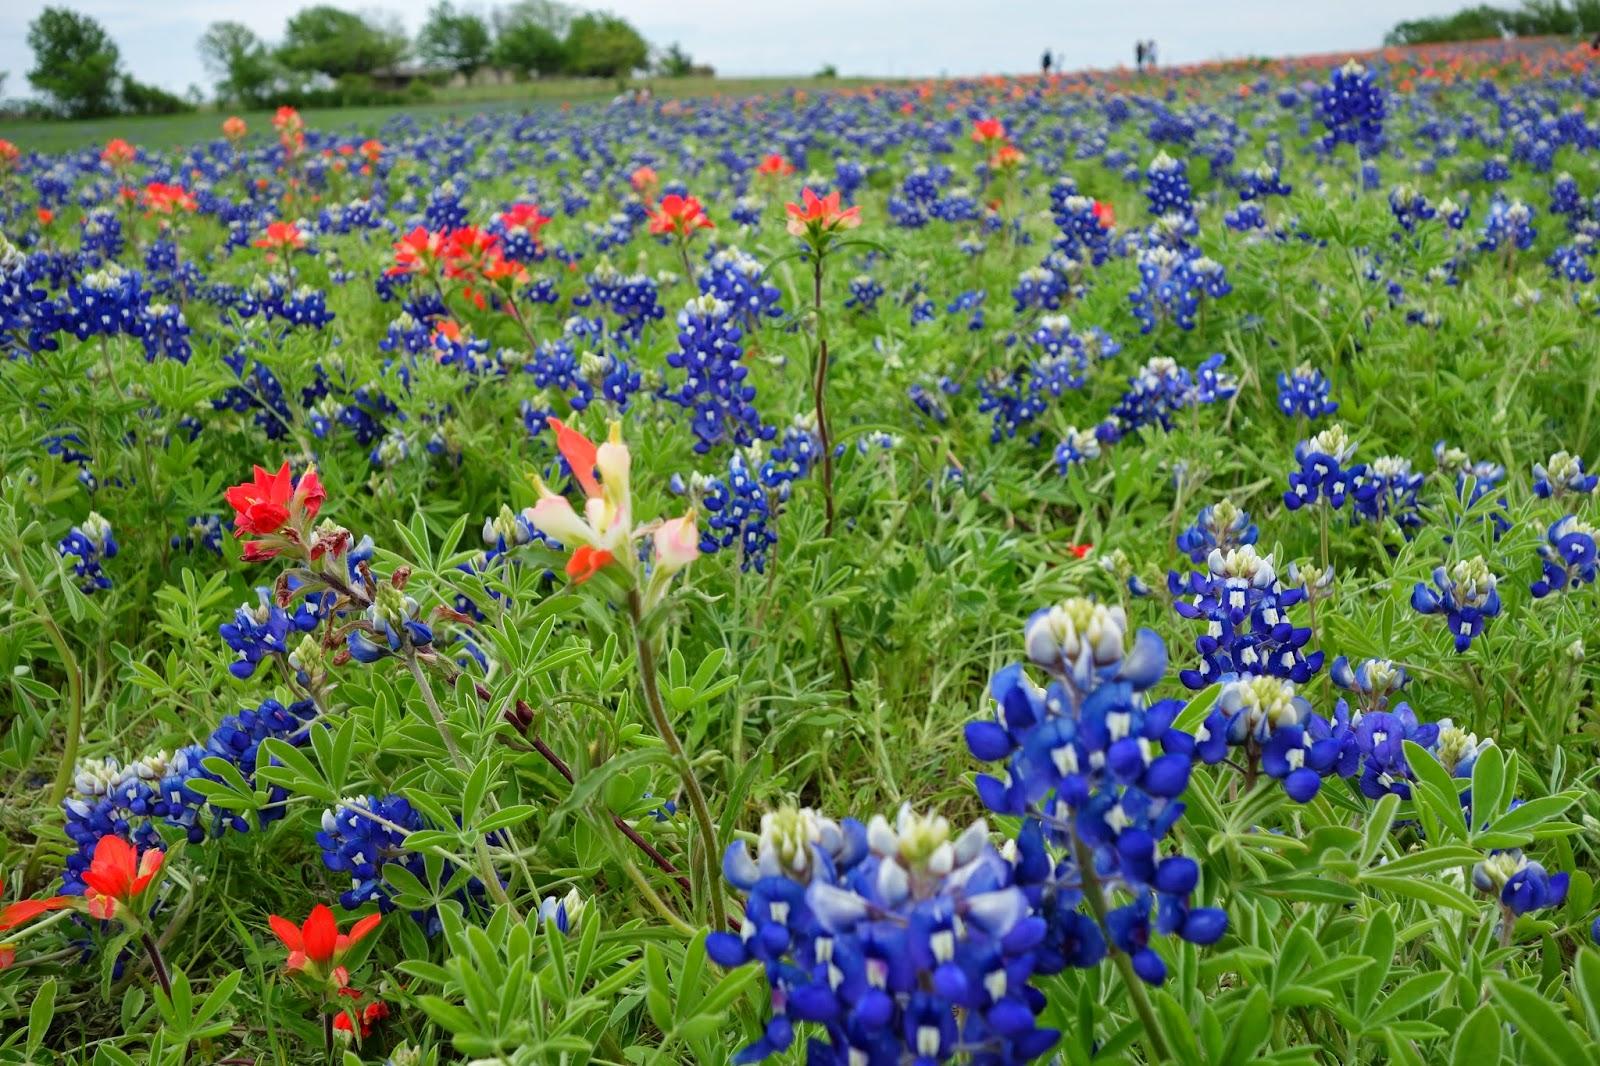 見渡す限りのお花畑!青いブルーボネット(Blue Bonnet)と、赤...  お花畑で撮影会